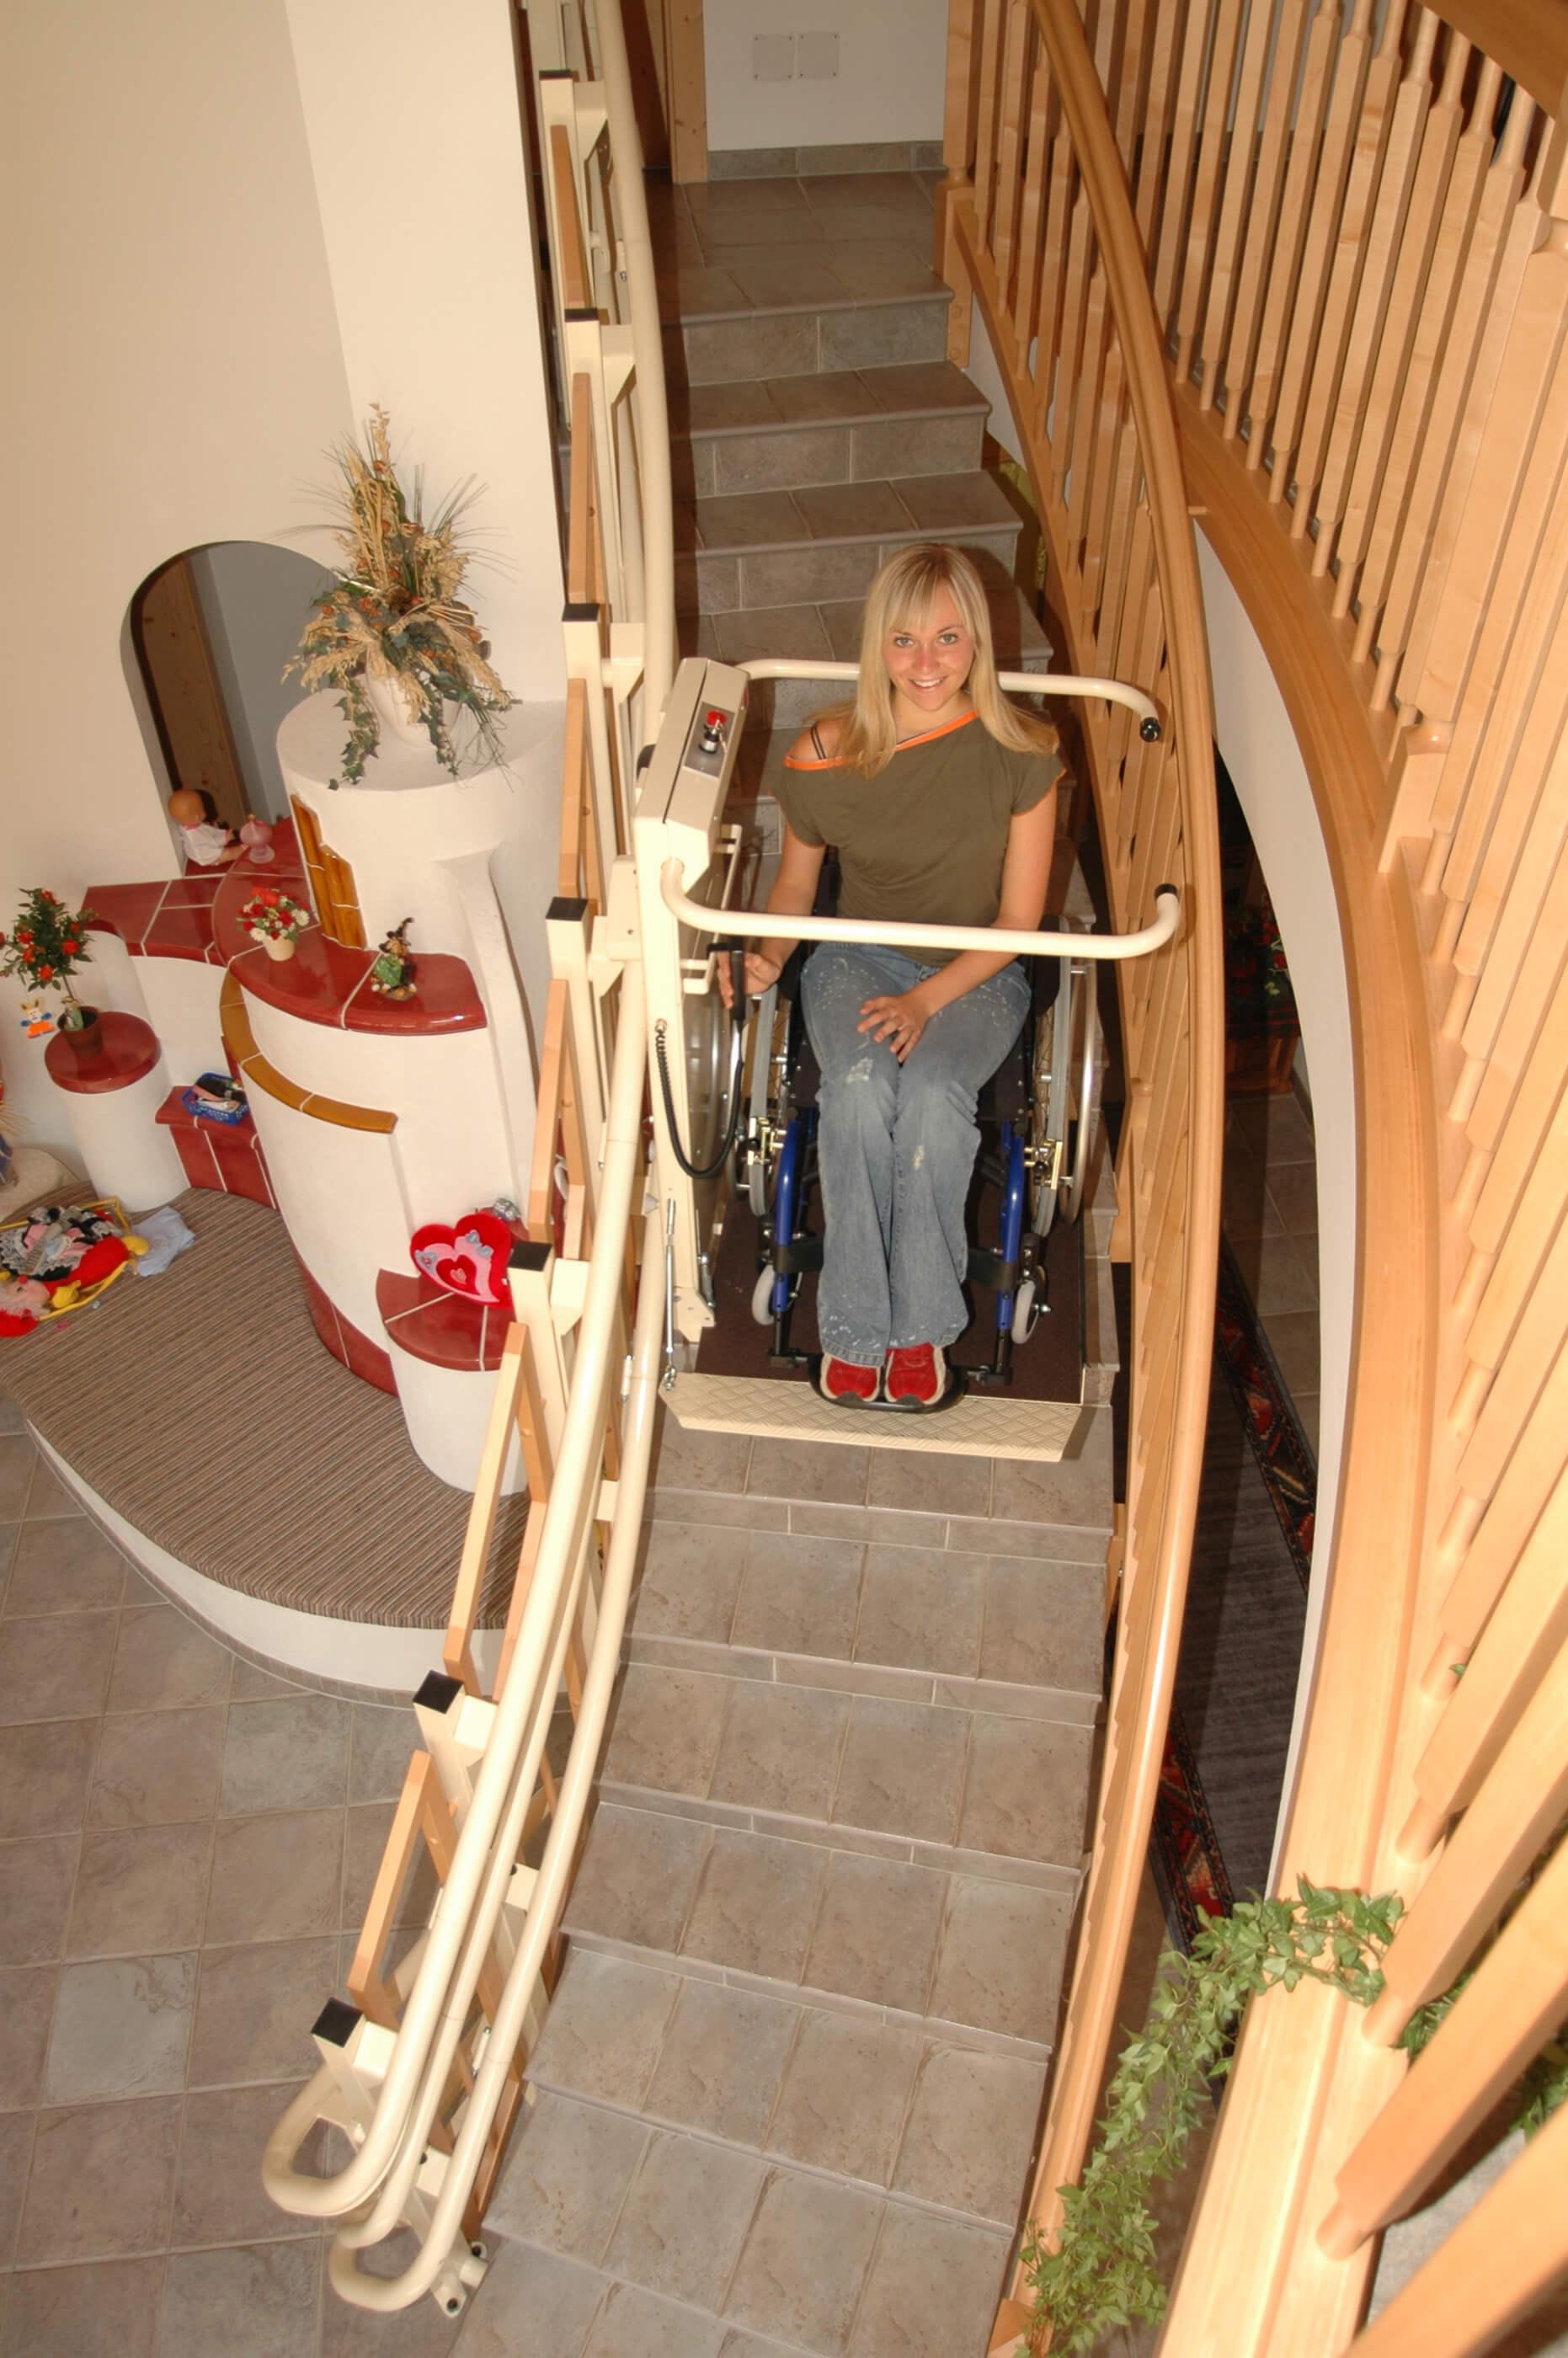 Personne en chaise roulante utilisant une plateforme monte-escalier